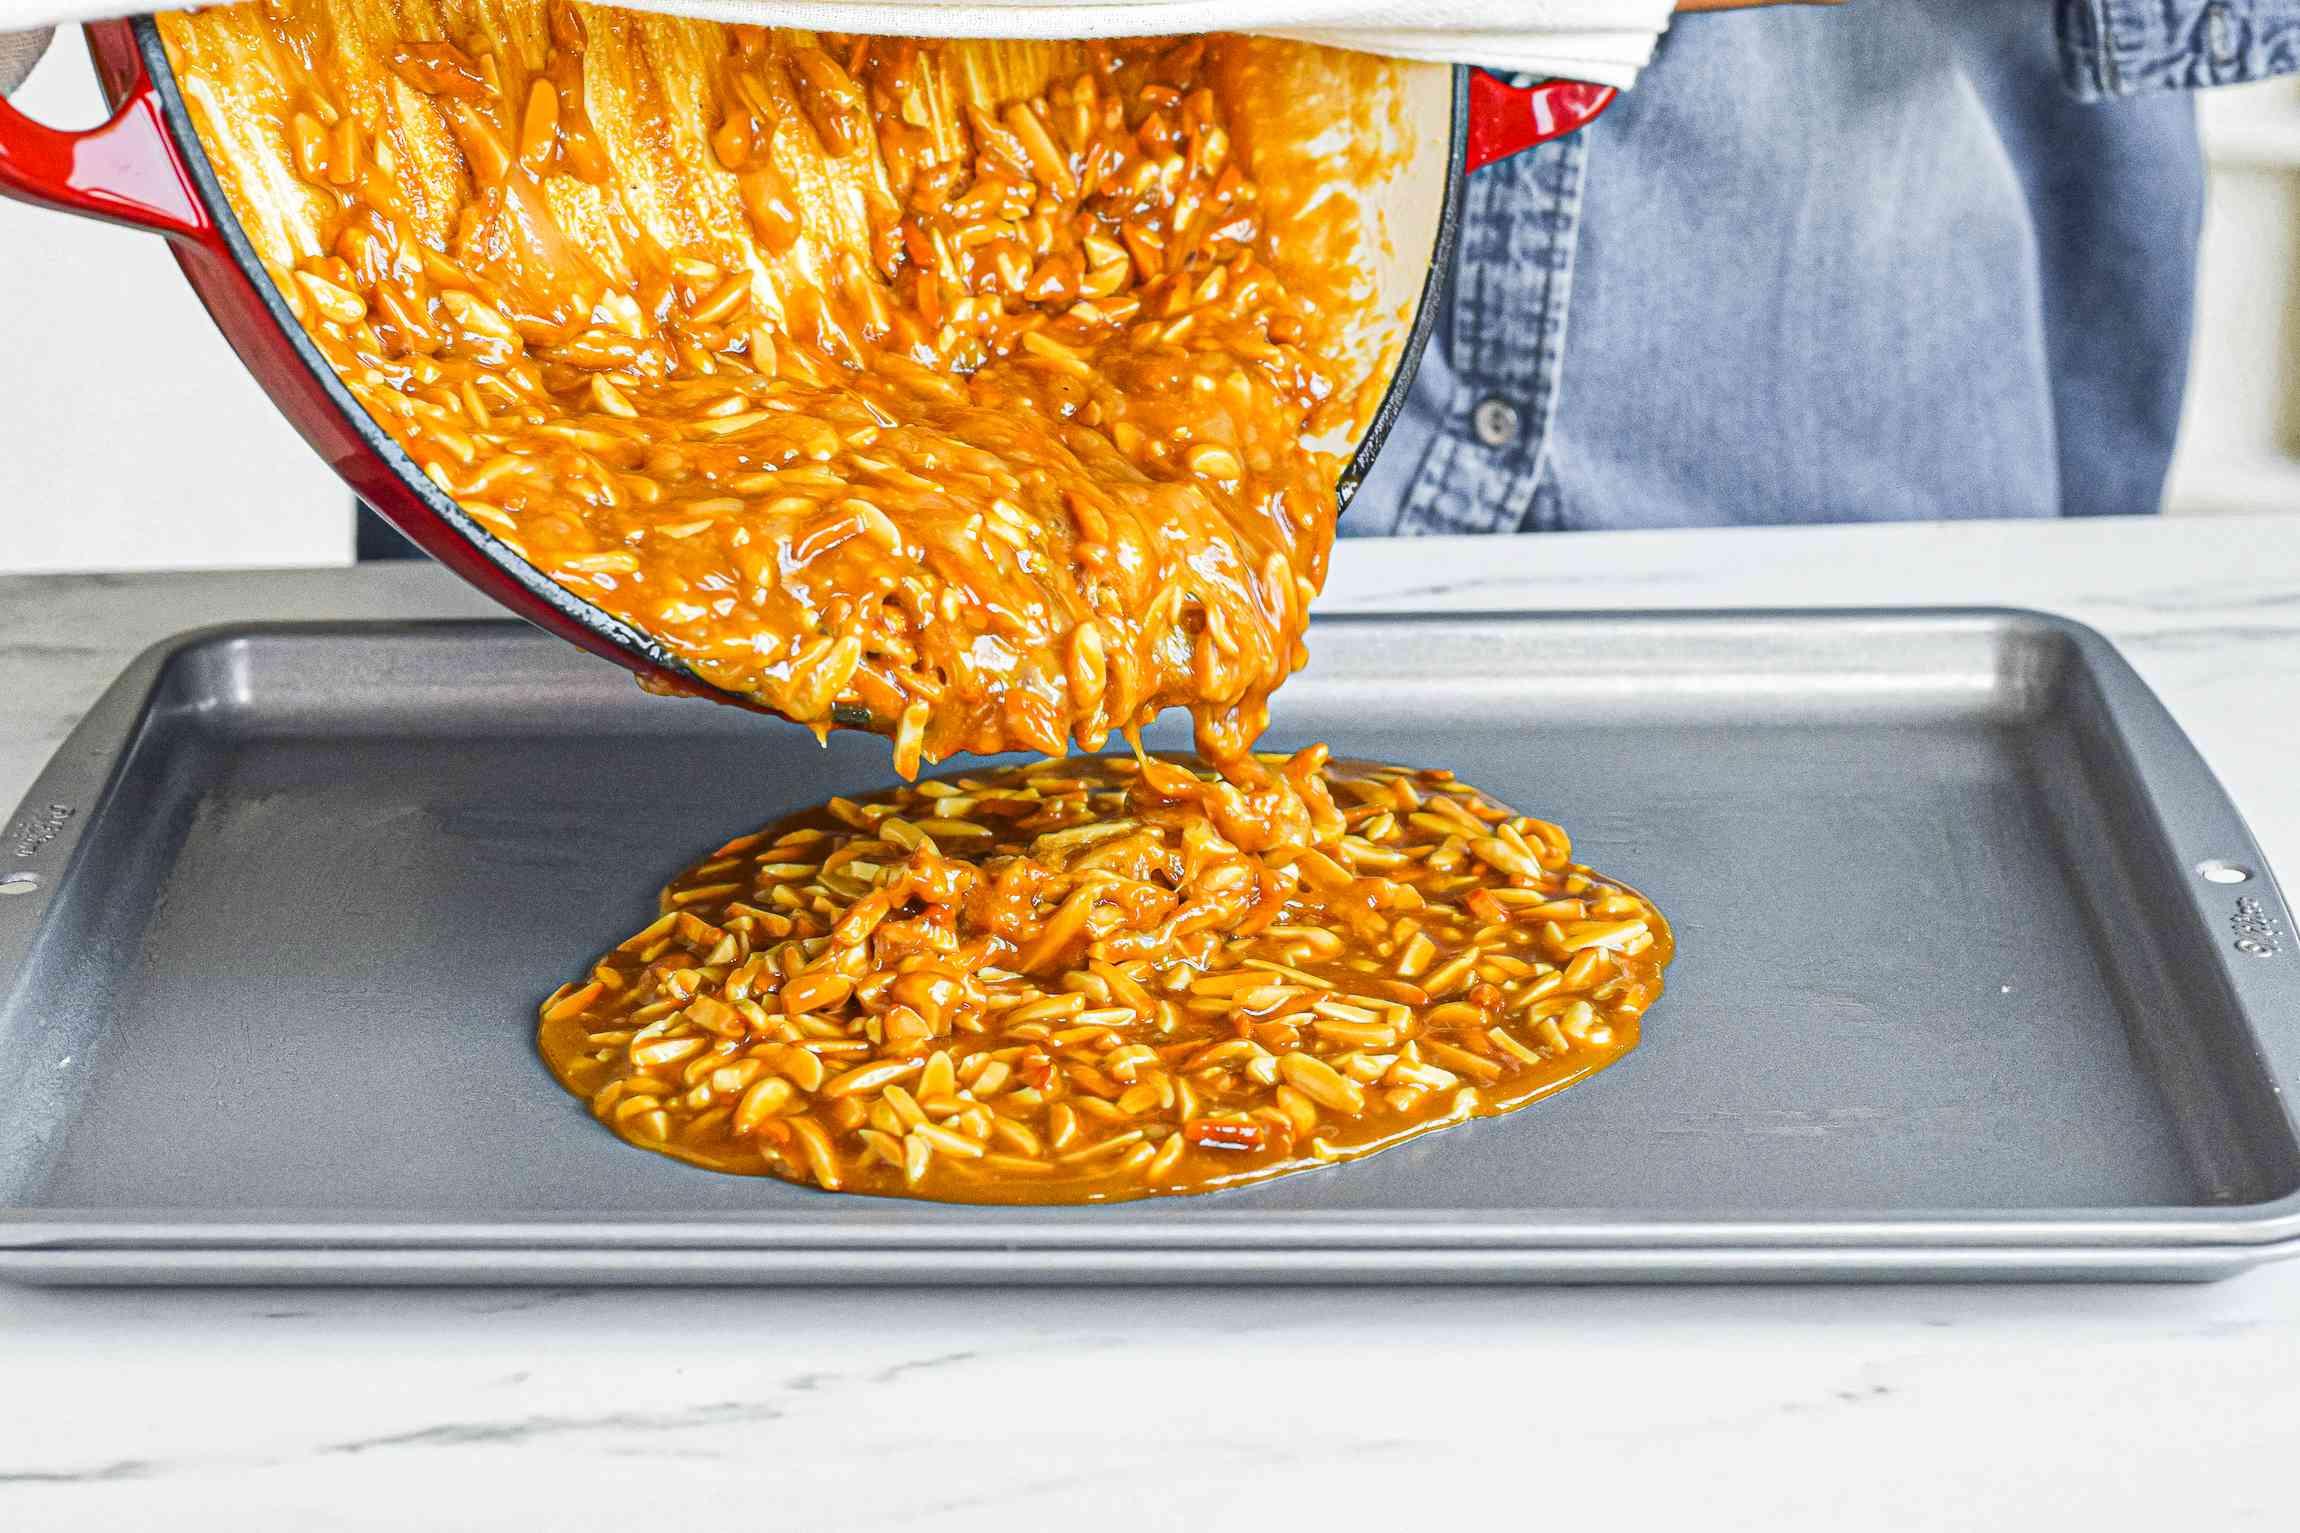 Pouring almond roca onto a baking sheet.